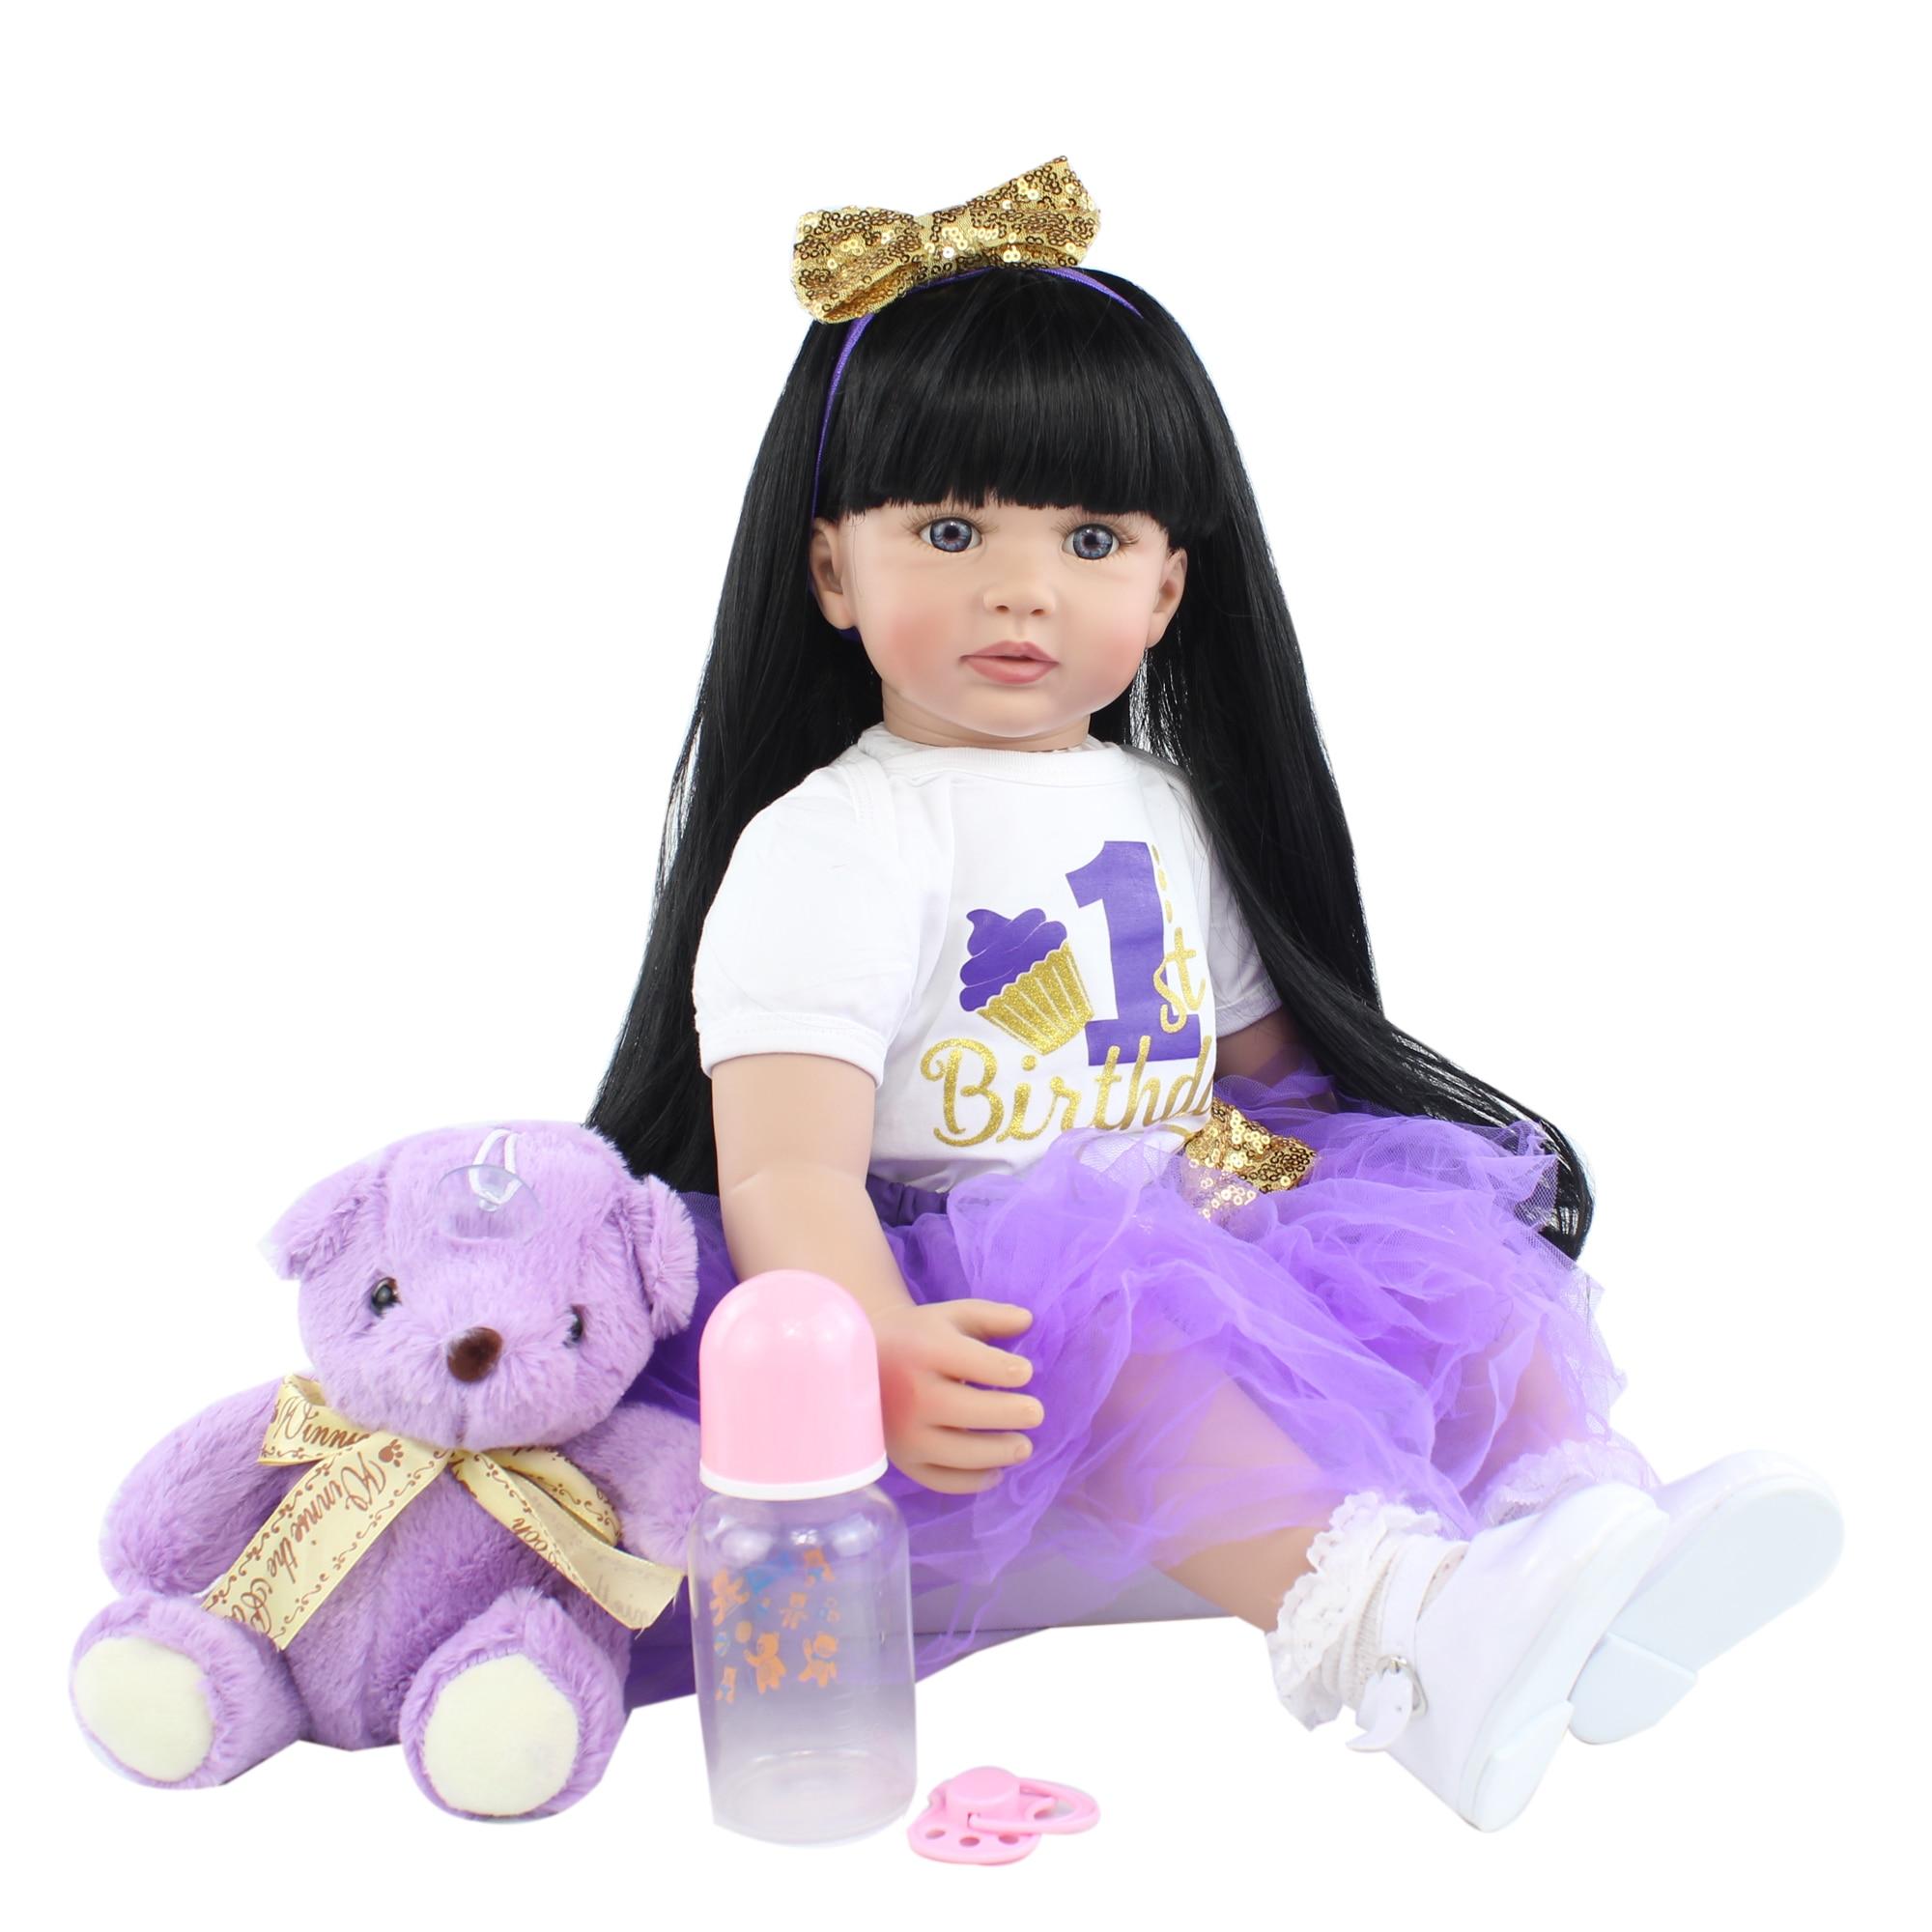 Кукла реборн силиконовая для девочек, мягкая игрушка, Длинная черная принцесса, наряд для малышей, подарок на день рождения, 60 см, 24 дюйма|Куклы|   | АлиЭкспресс